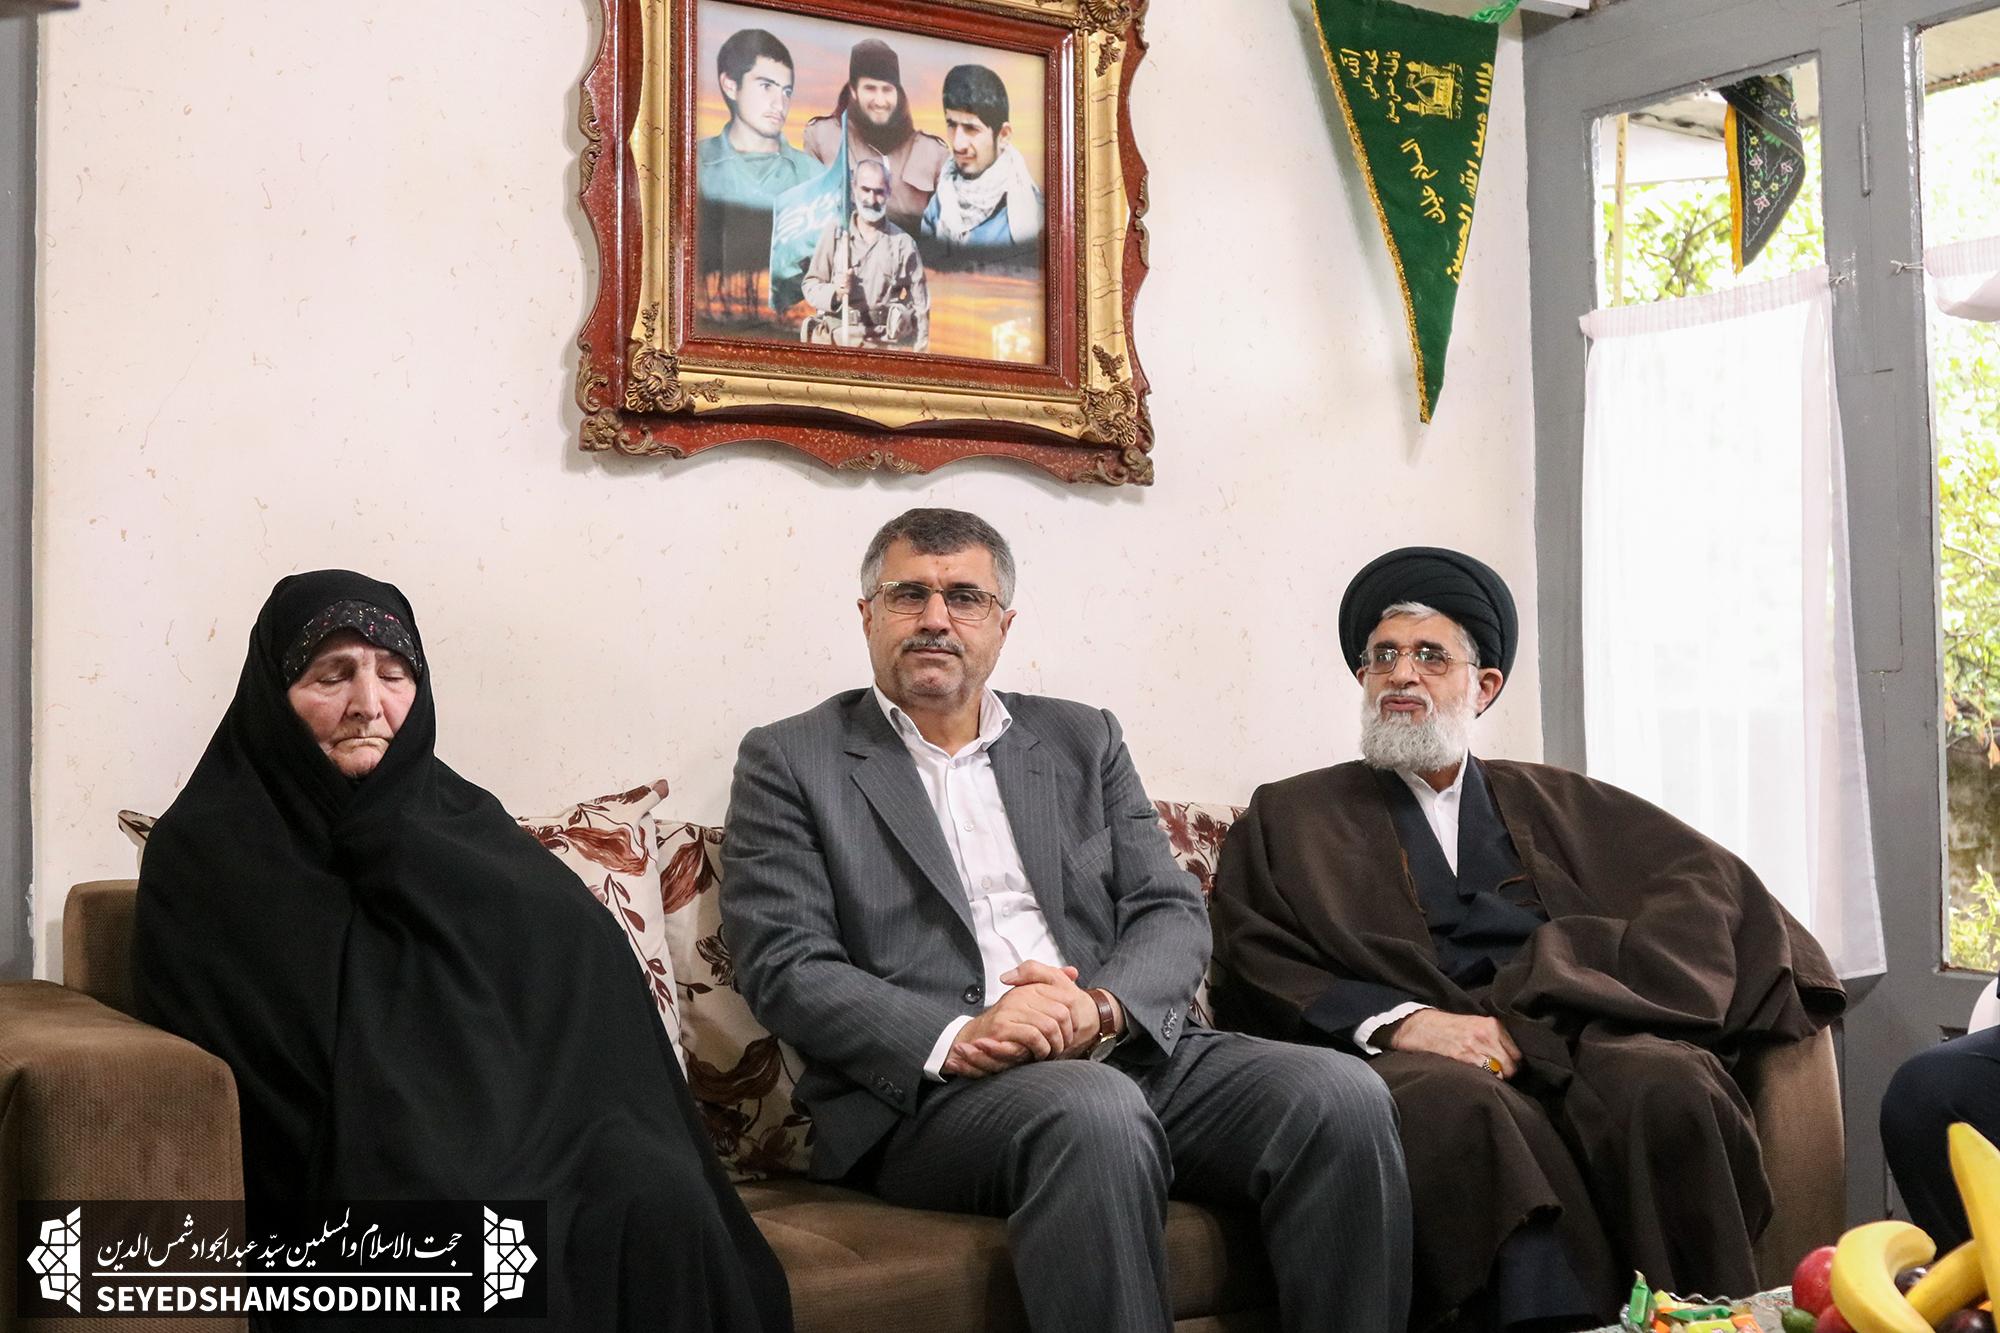 دیدار امام جمعه بندرانزلی با خانواده شهیدان کریم بخش